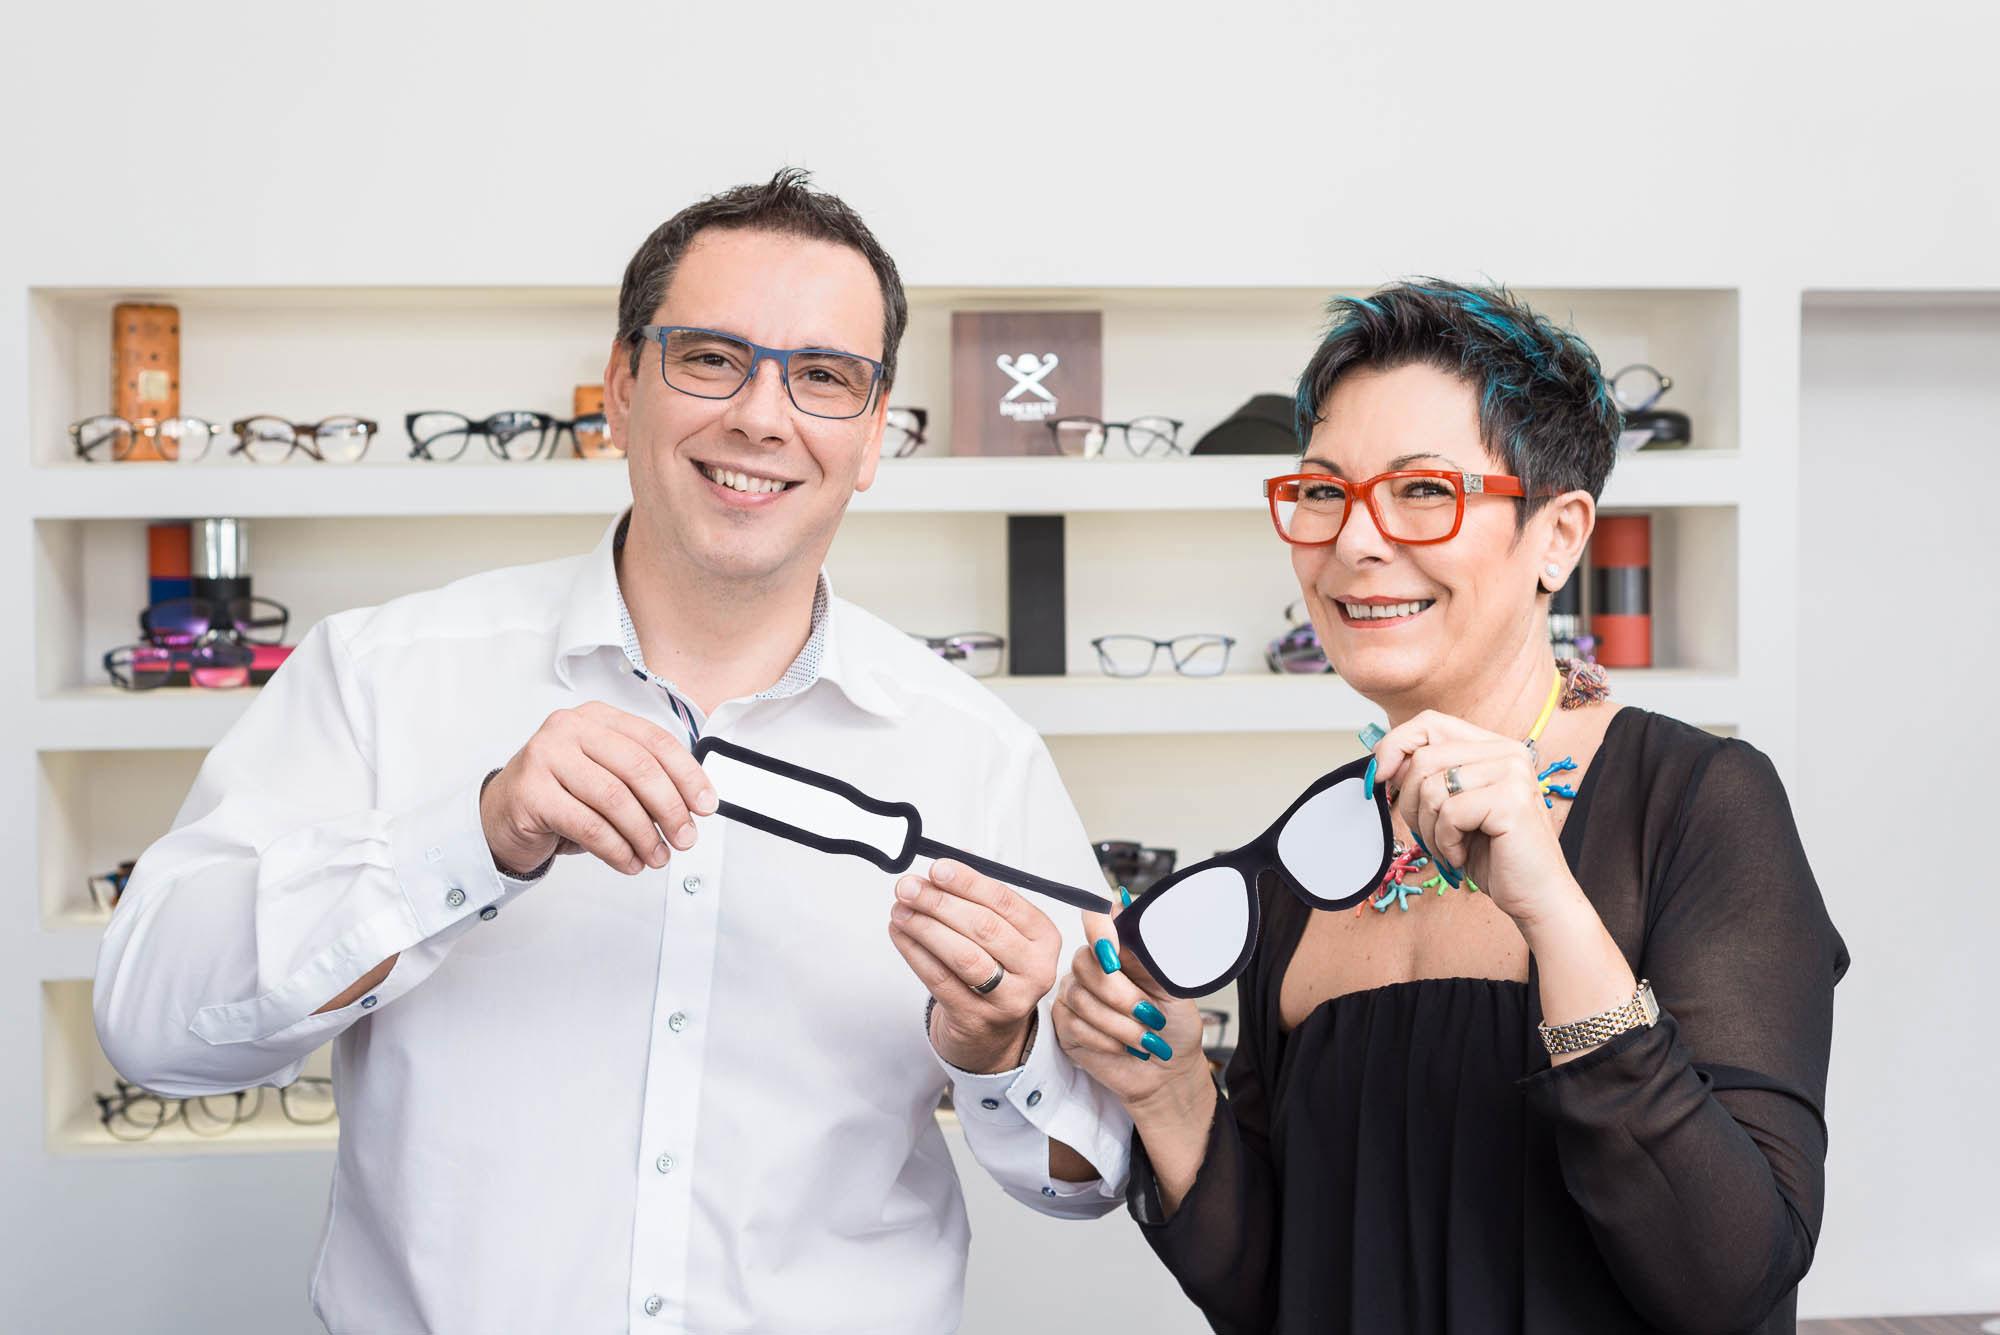 größe sonnenbrille ermitteln